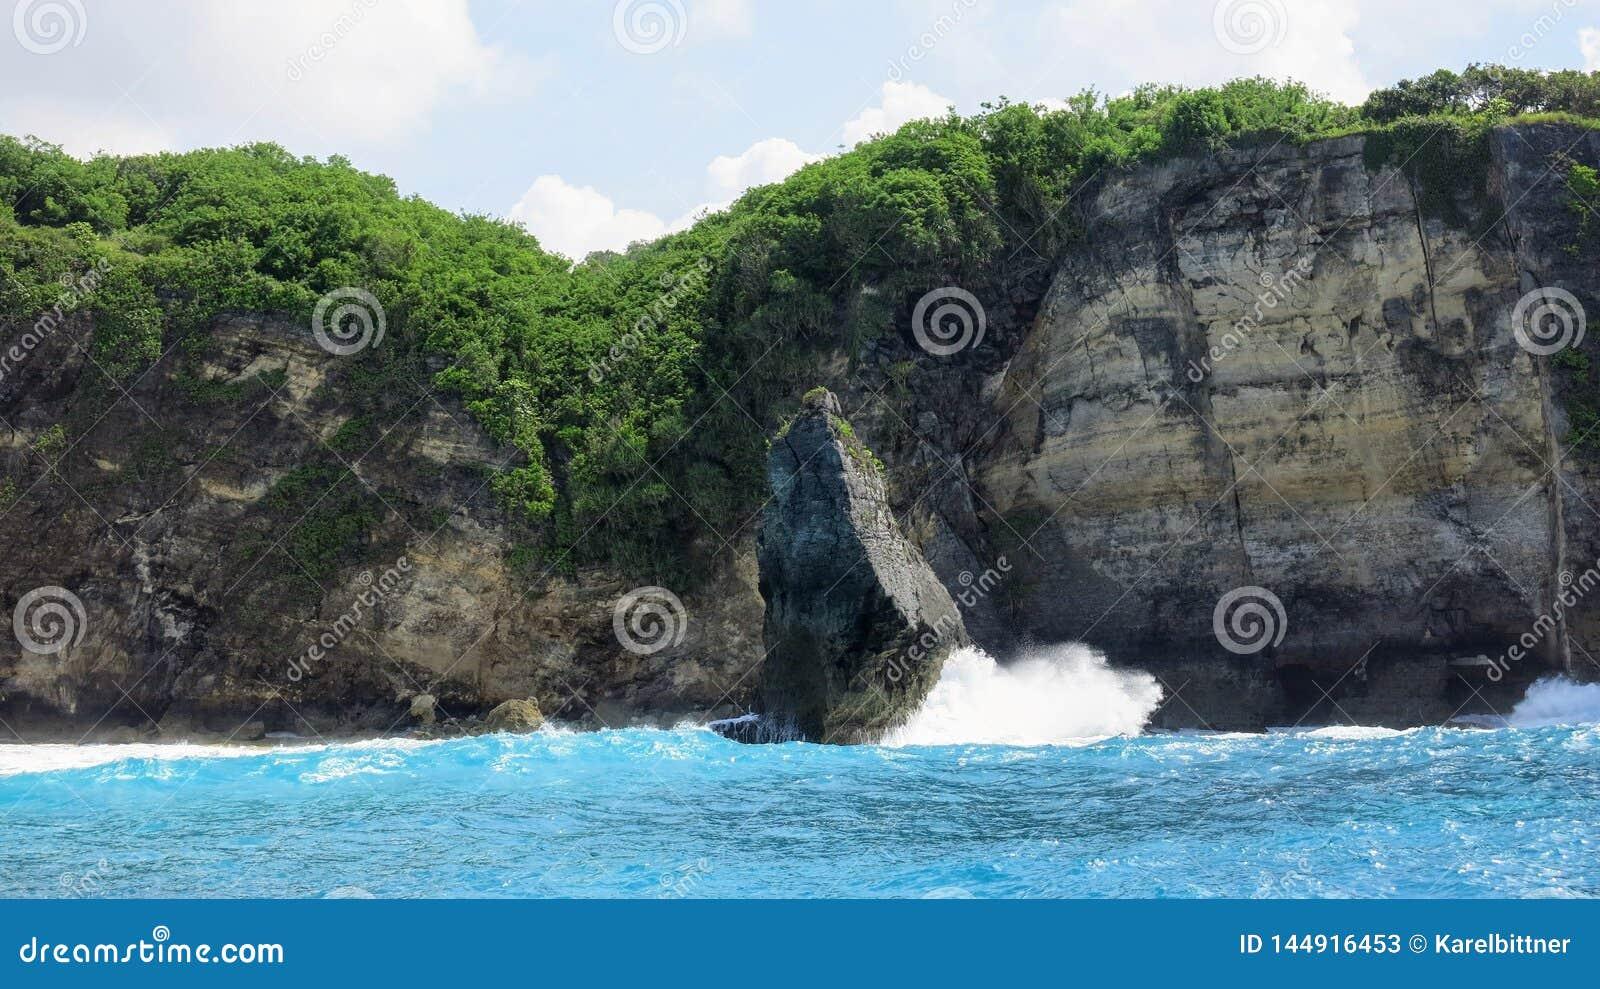 Onde del mare che si rompono su una roccia nel mare vicino alla costa rocciosa dell isola di Nusa Penida in Indonesia